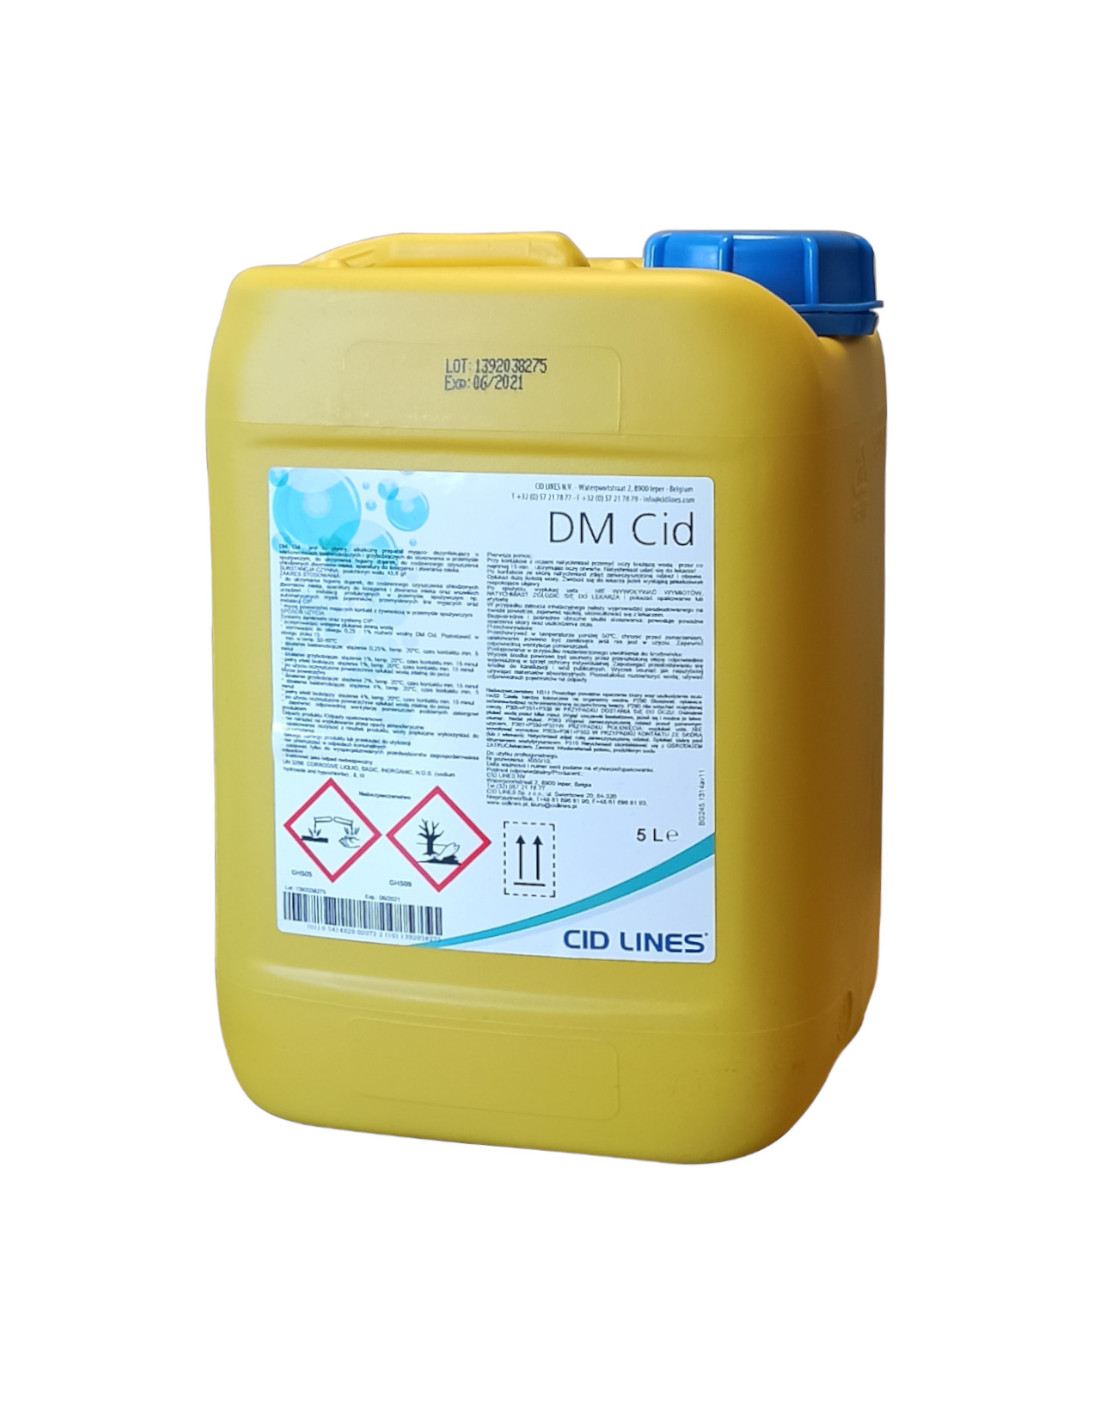 DM CID 5 L